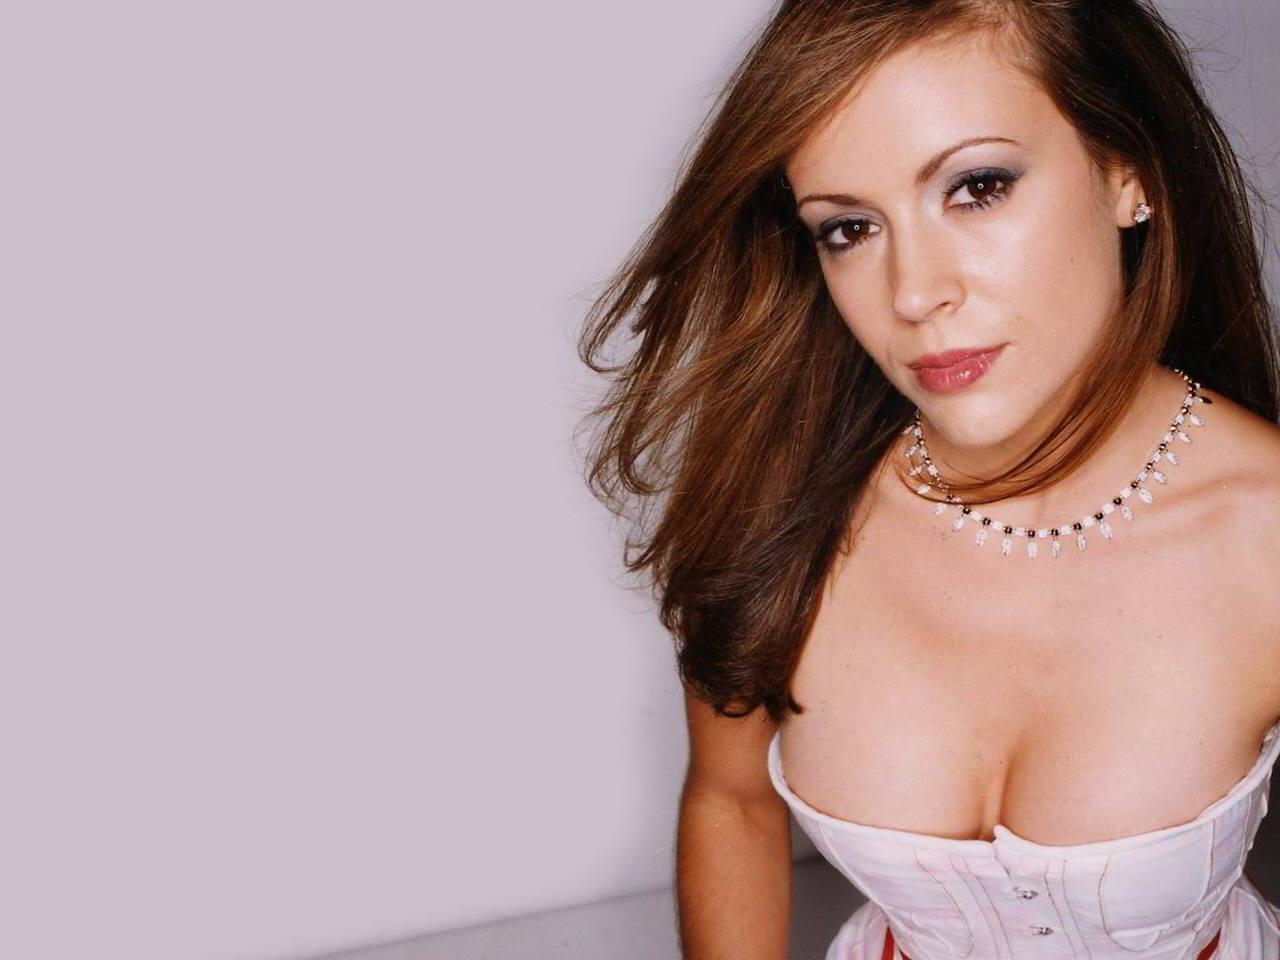 Alyssa milano pics erotic picture images